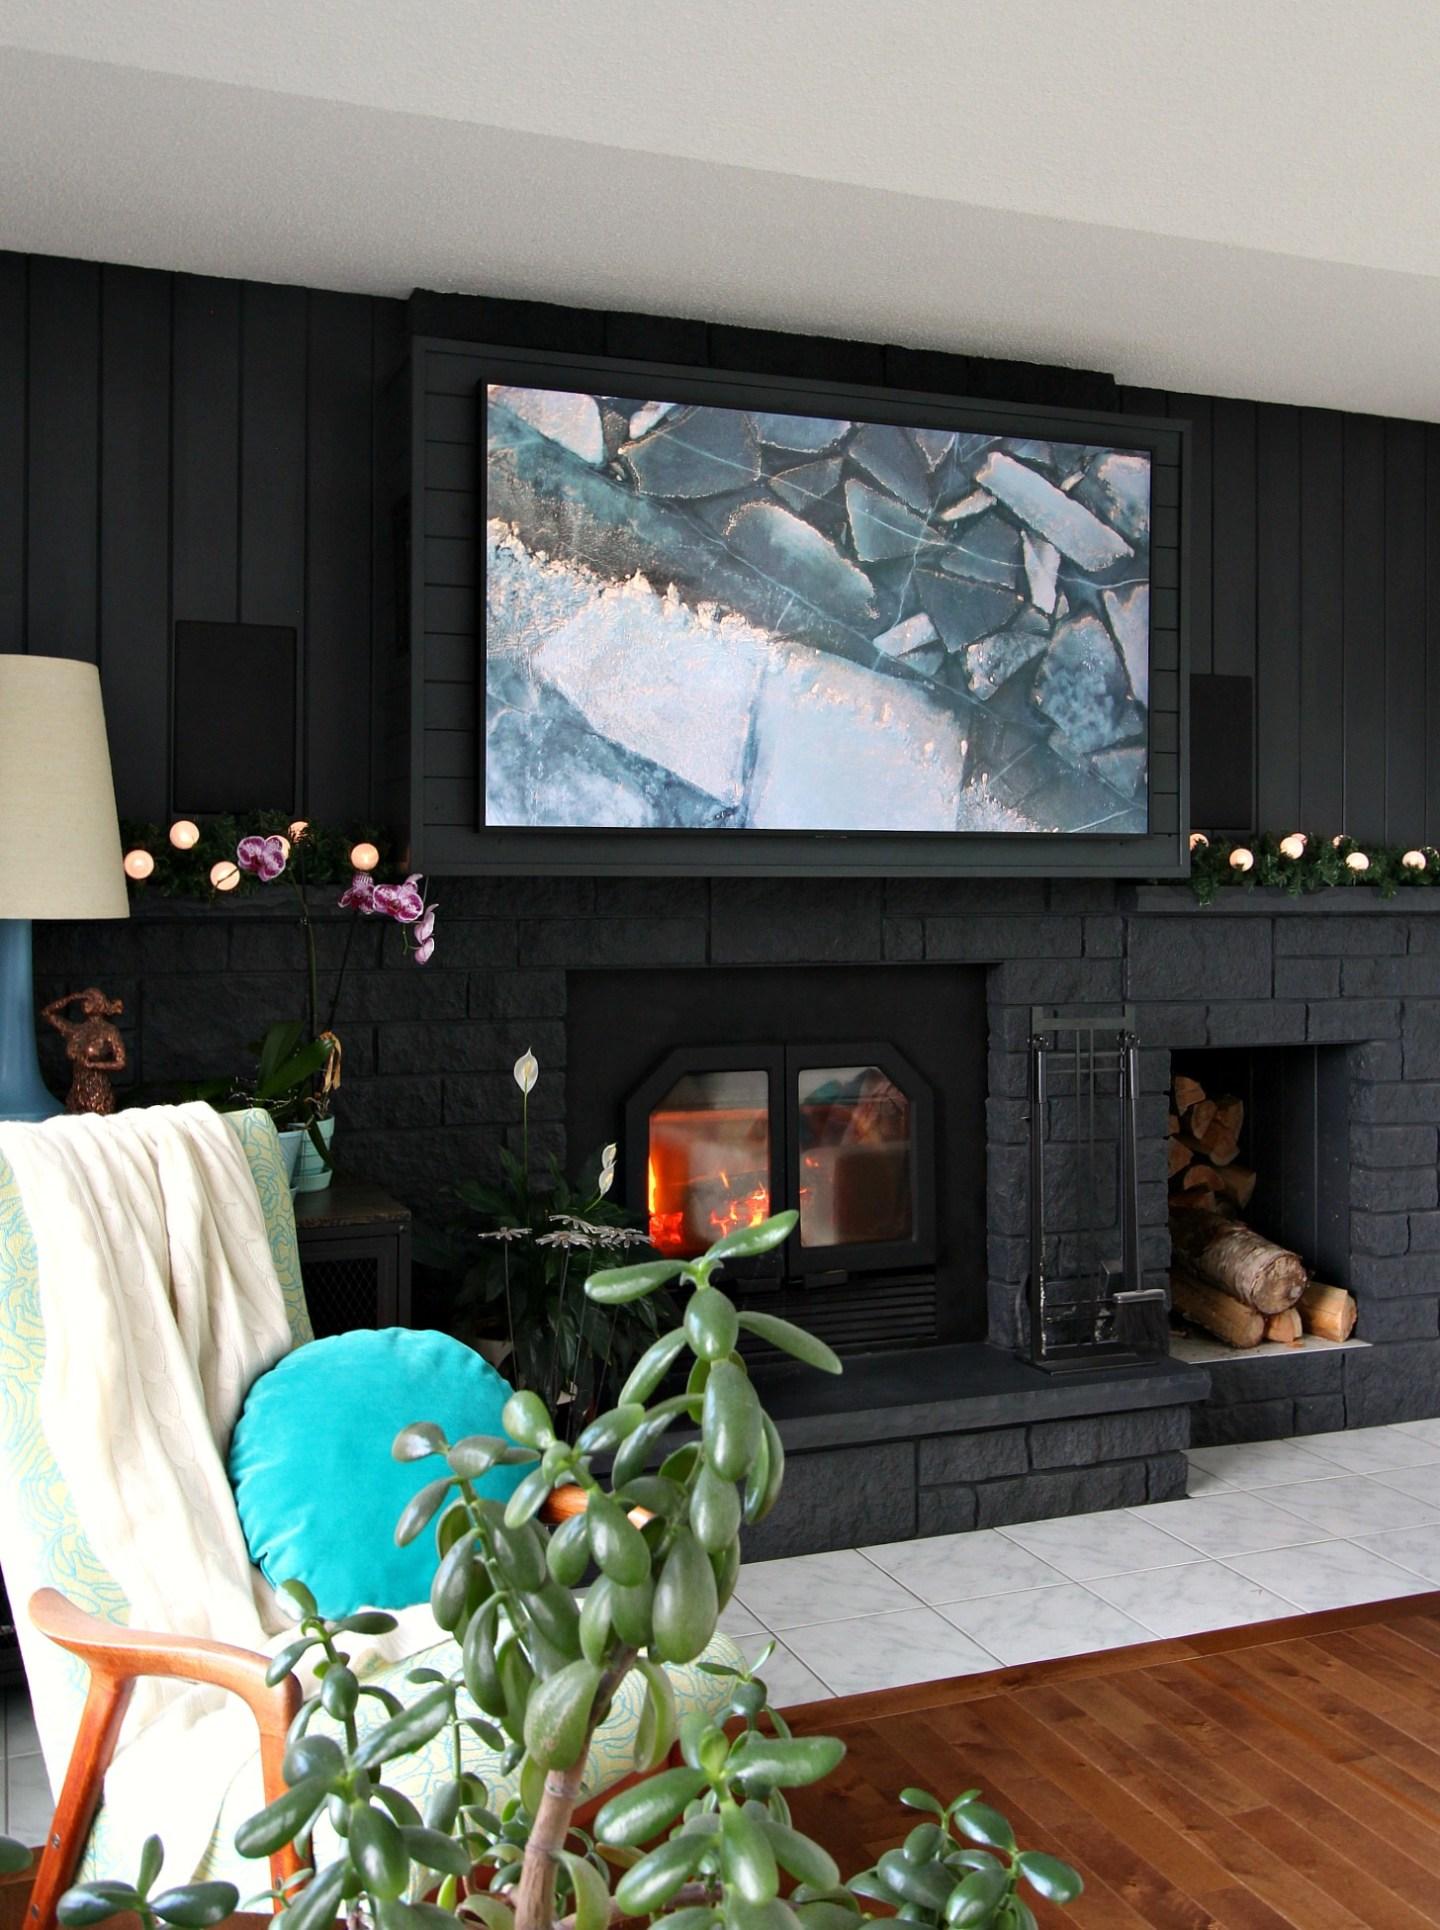 Samsung Frame TV Art for Winter